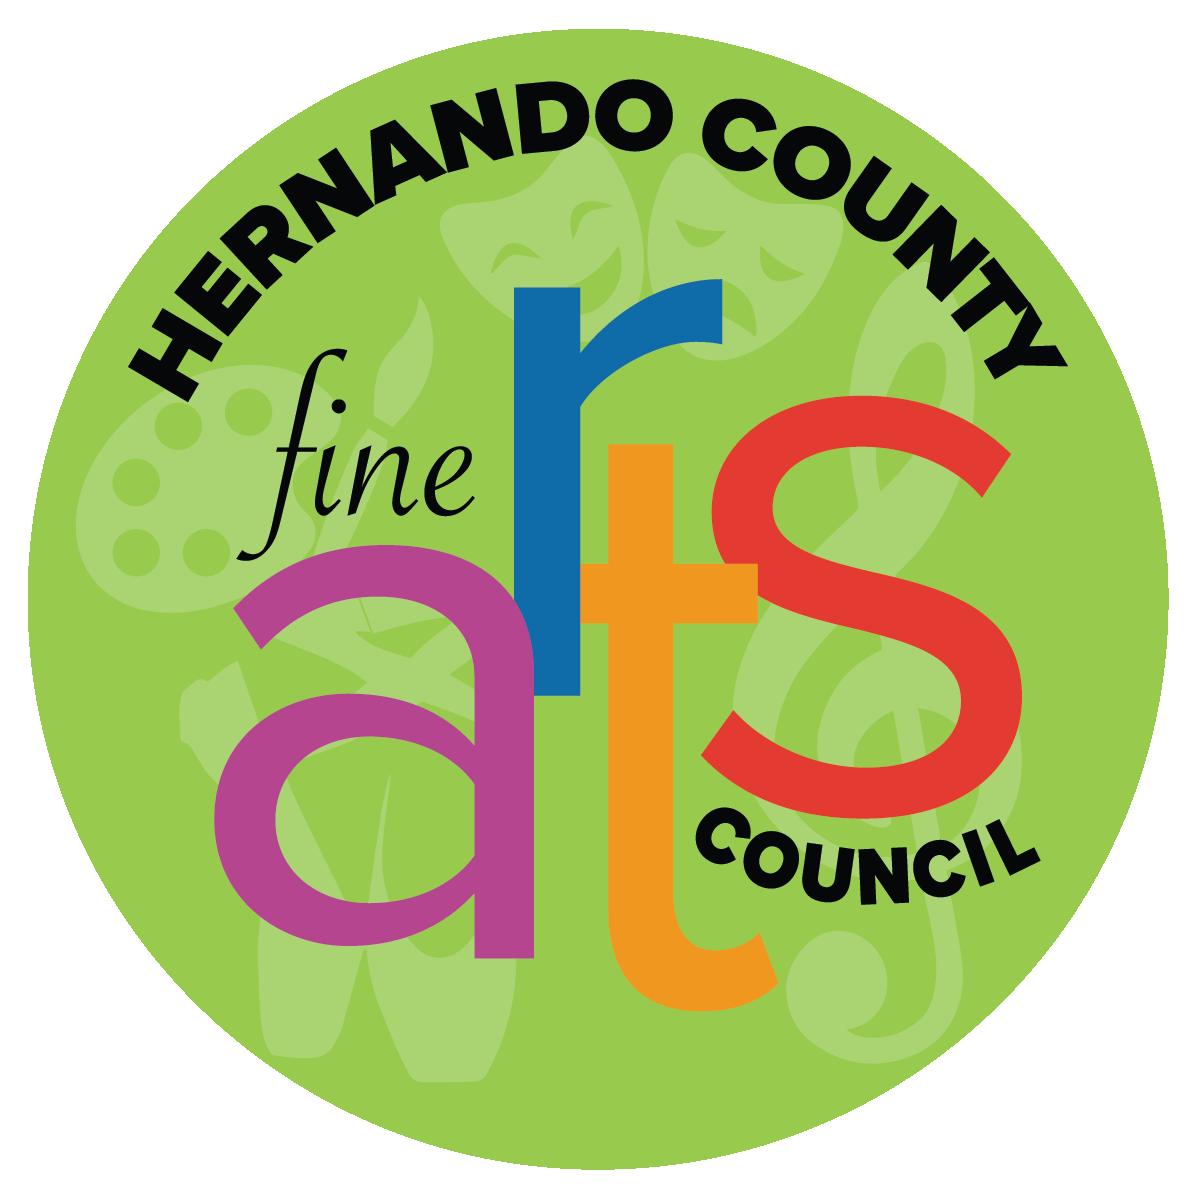 Hernando County Events 2020.Hernando County Fine Arts Council